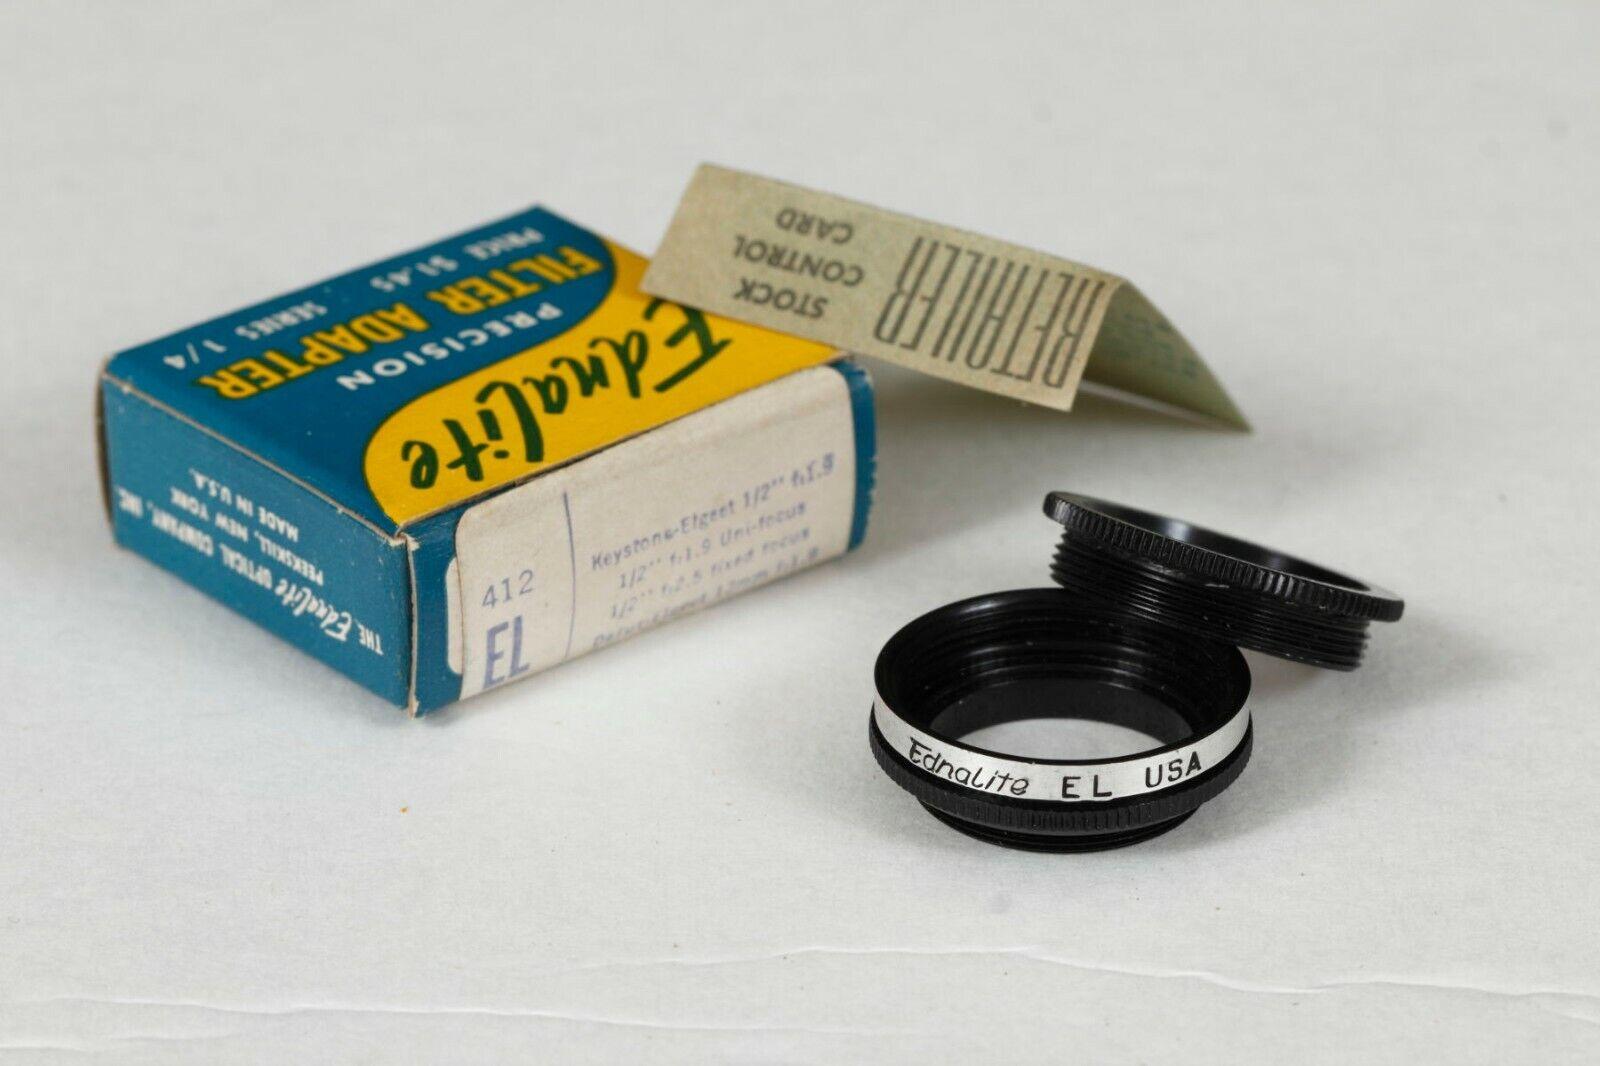 Ednalite 412EL Series 1/4 Screw-in Adapter For Keystone, Elgeet NOS - $15.75